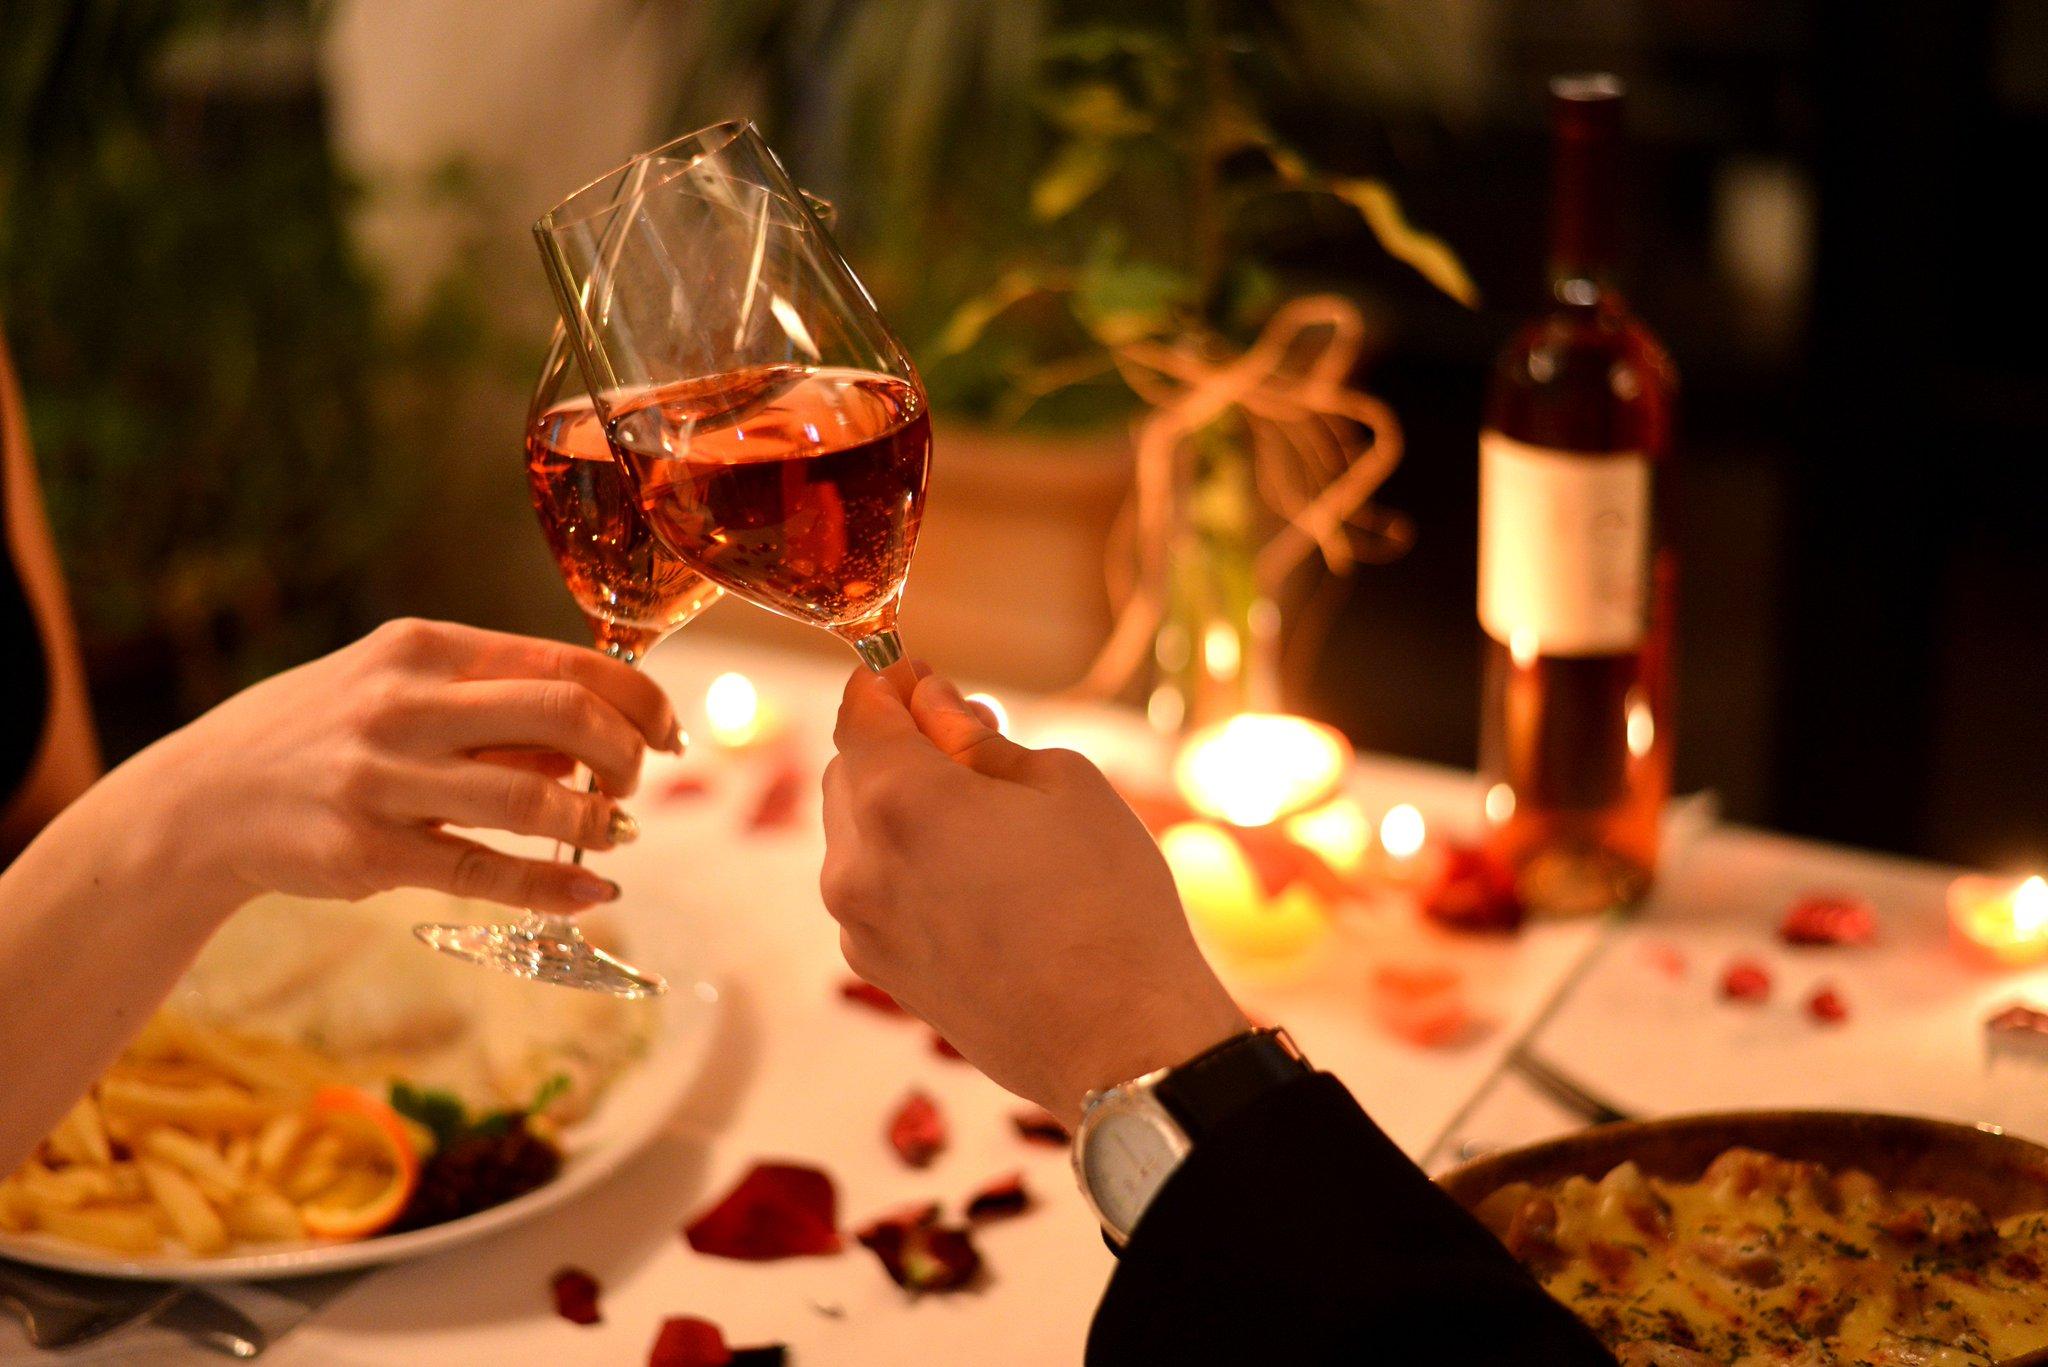 Картинки романтического ужина, первоклассников выпускникам класса